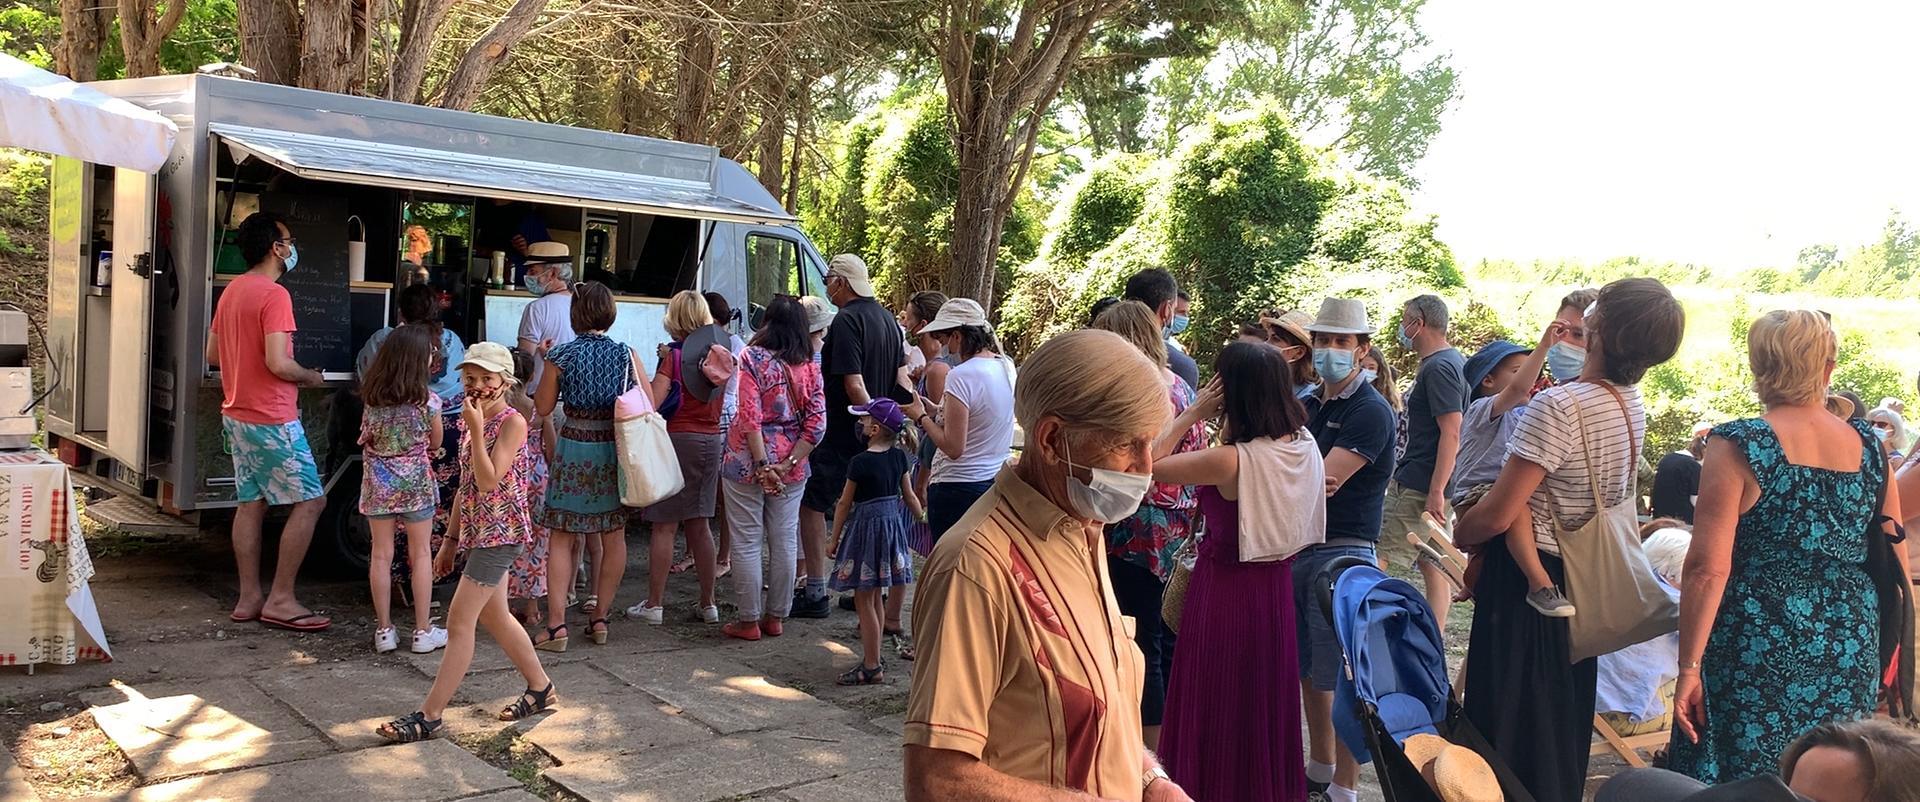 Foule devant le food truck lors de la journée l'Escale Combleux du 13 juin